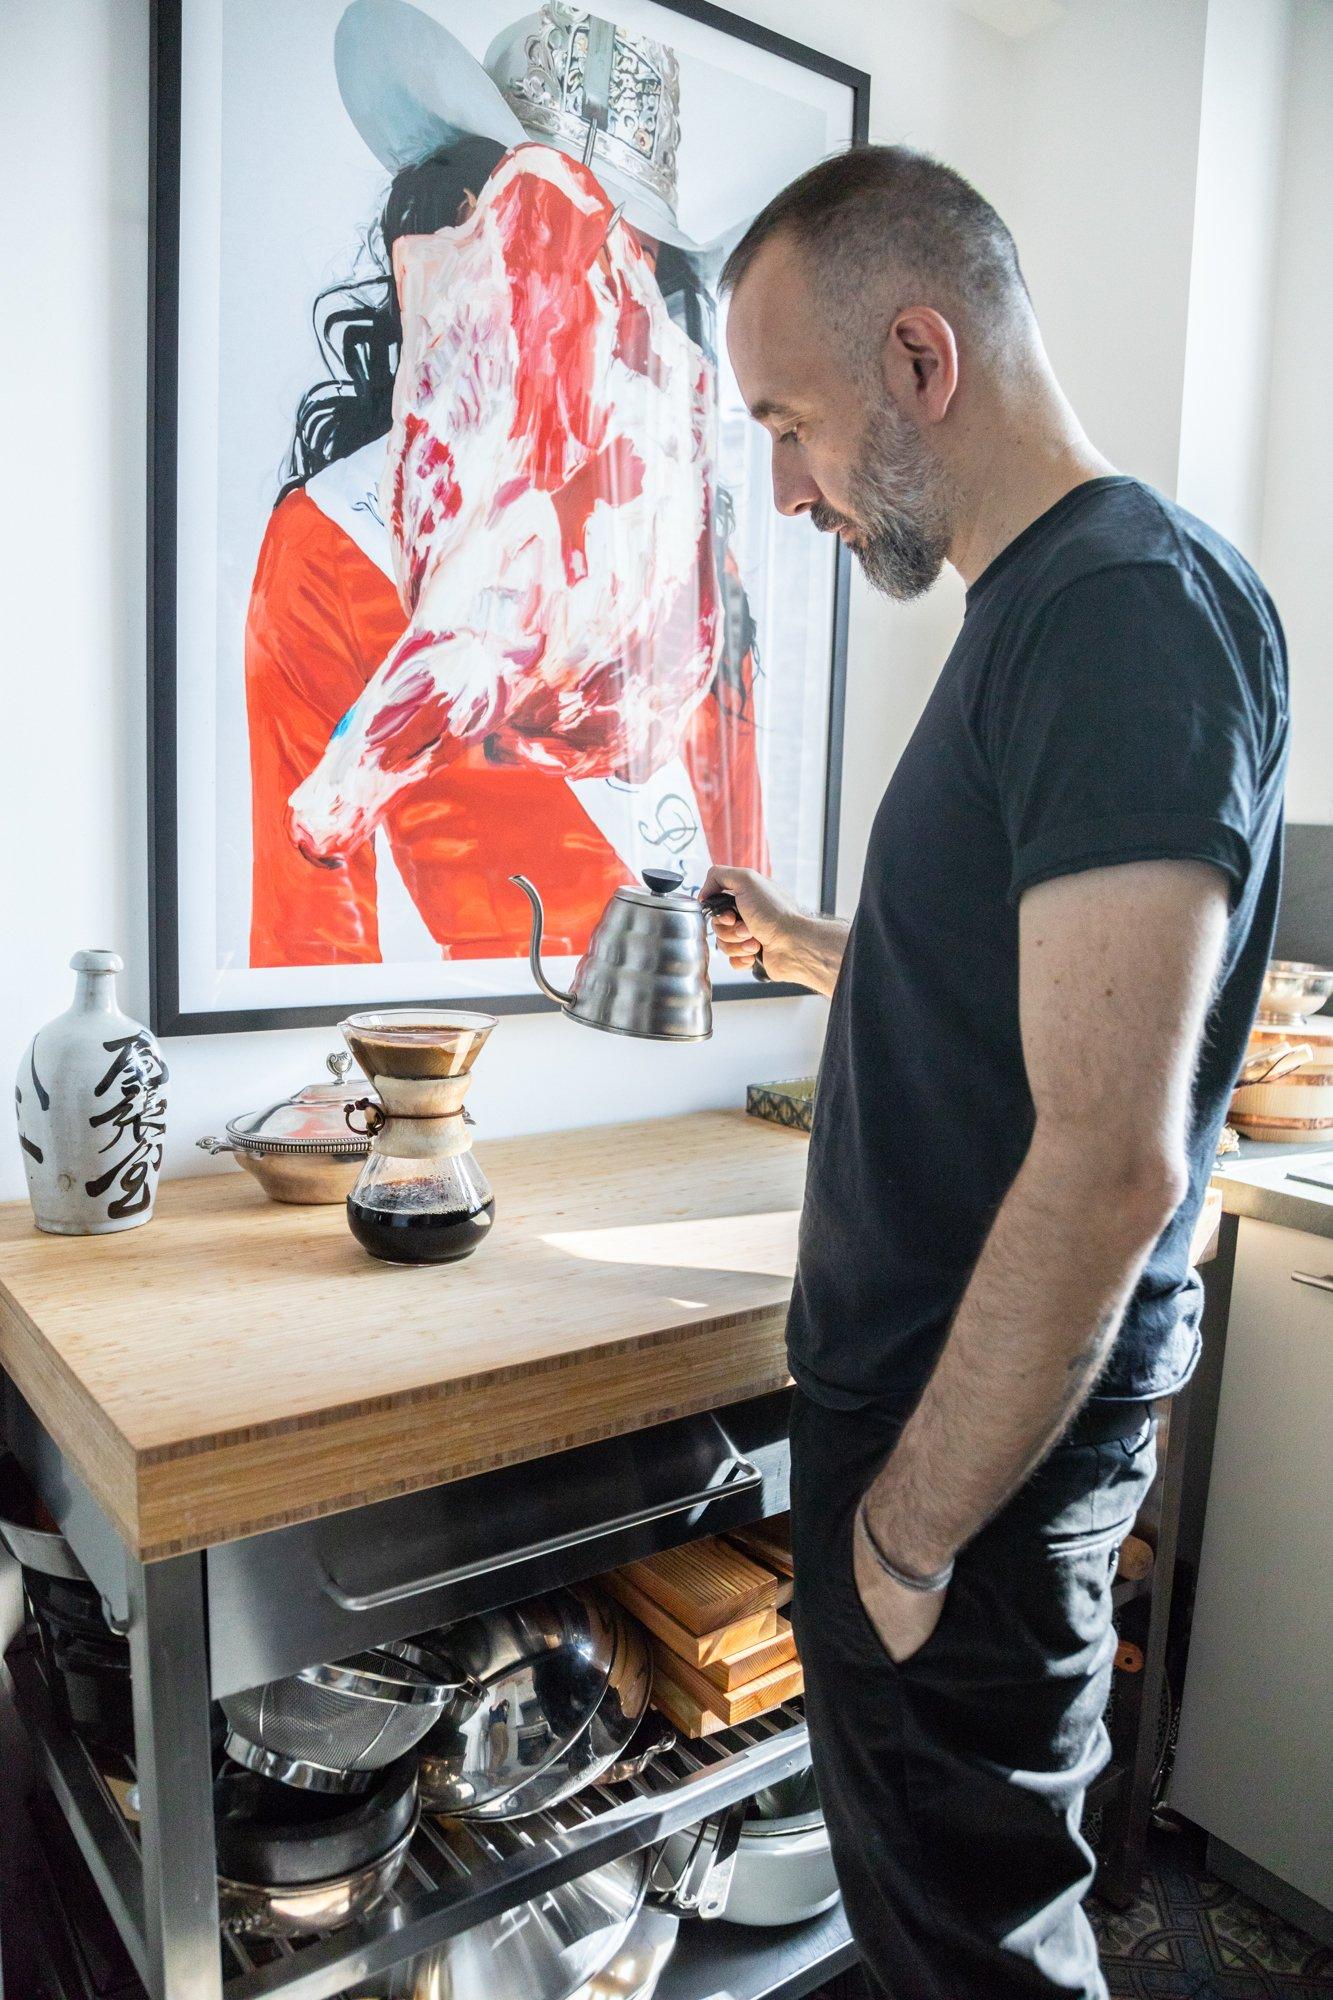 Portrait Cuisine Artiste Paris Jean Michel Roccuzzo